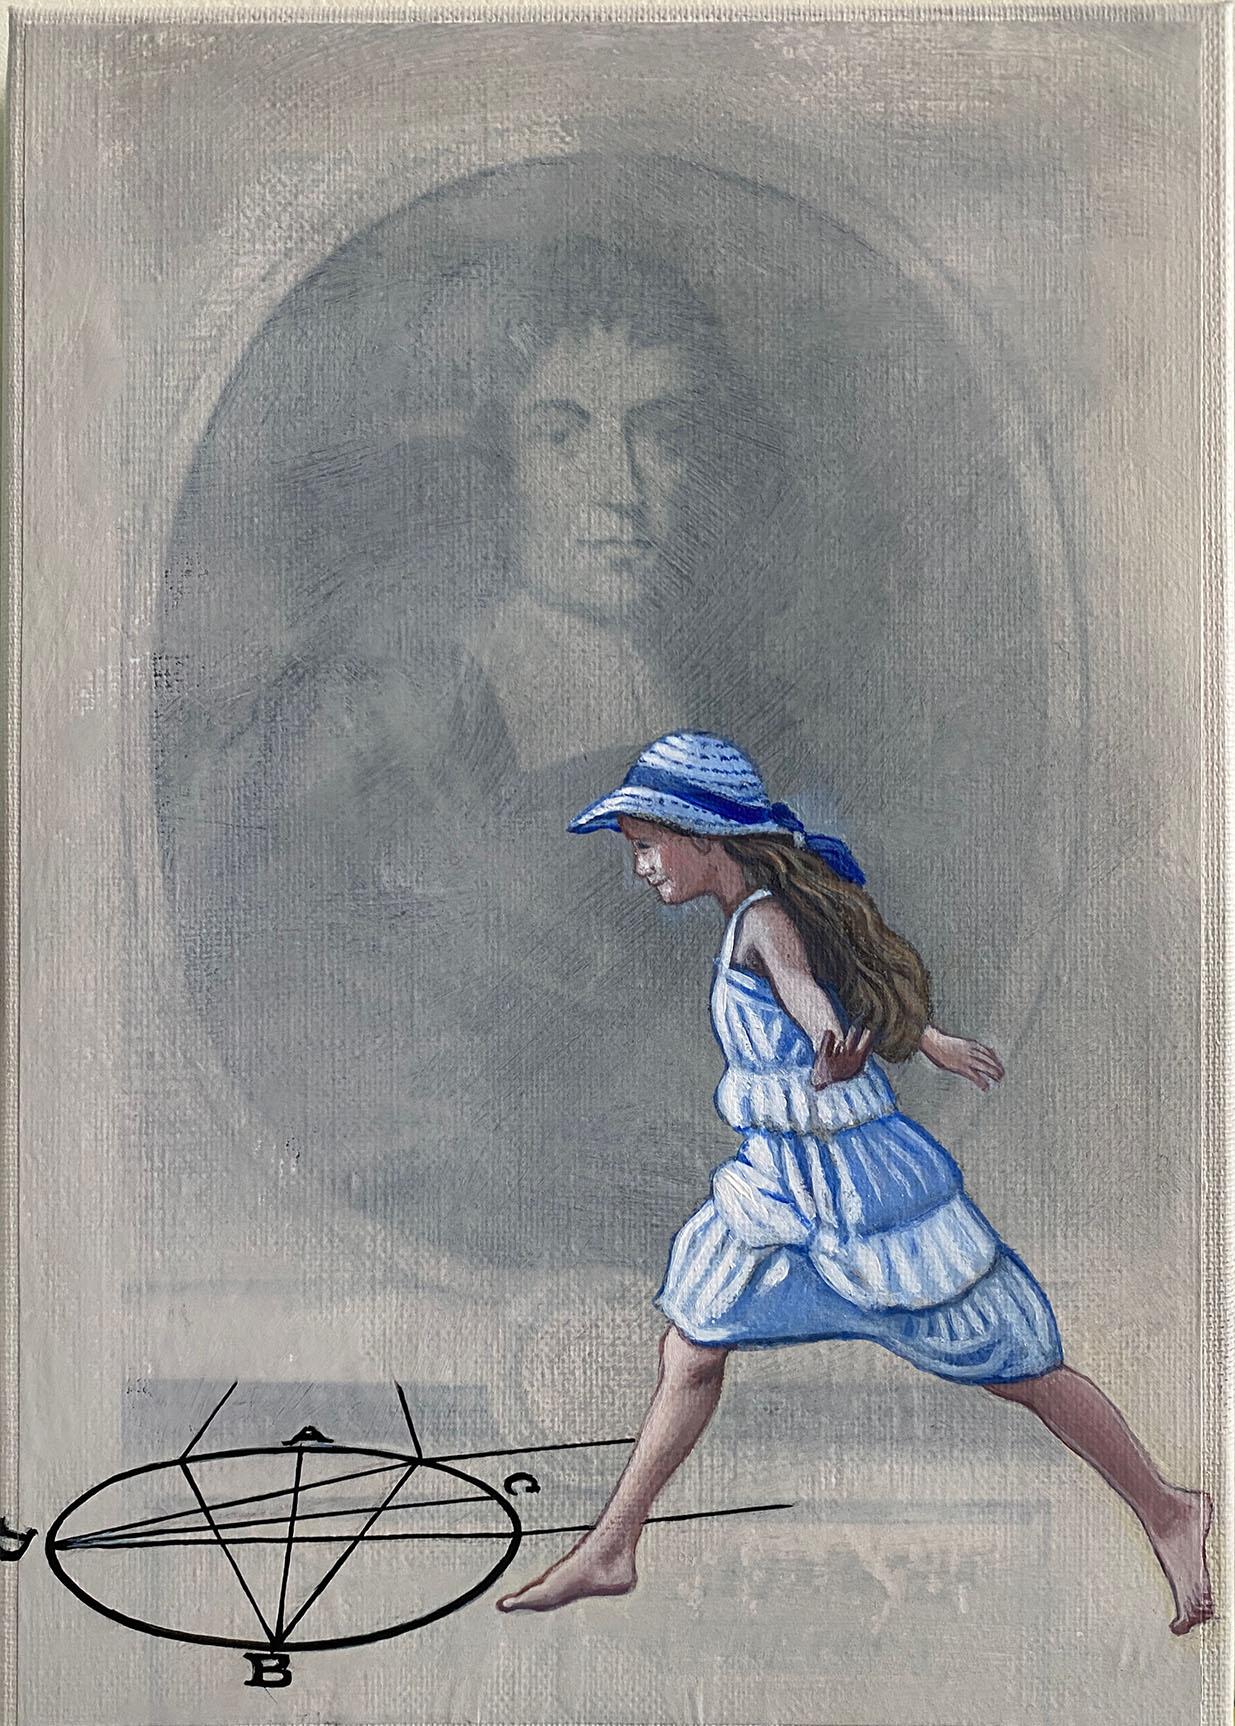 Cristina Ruiz Guinazu, L'oeil de Spinoza, collage and acrylics on canvas, 27 x 19 cm, 2021